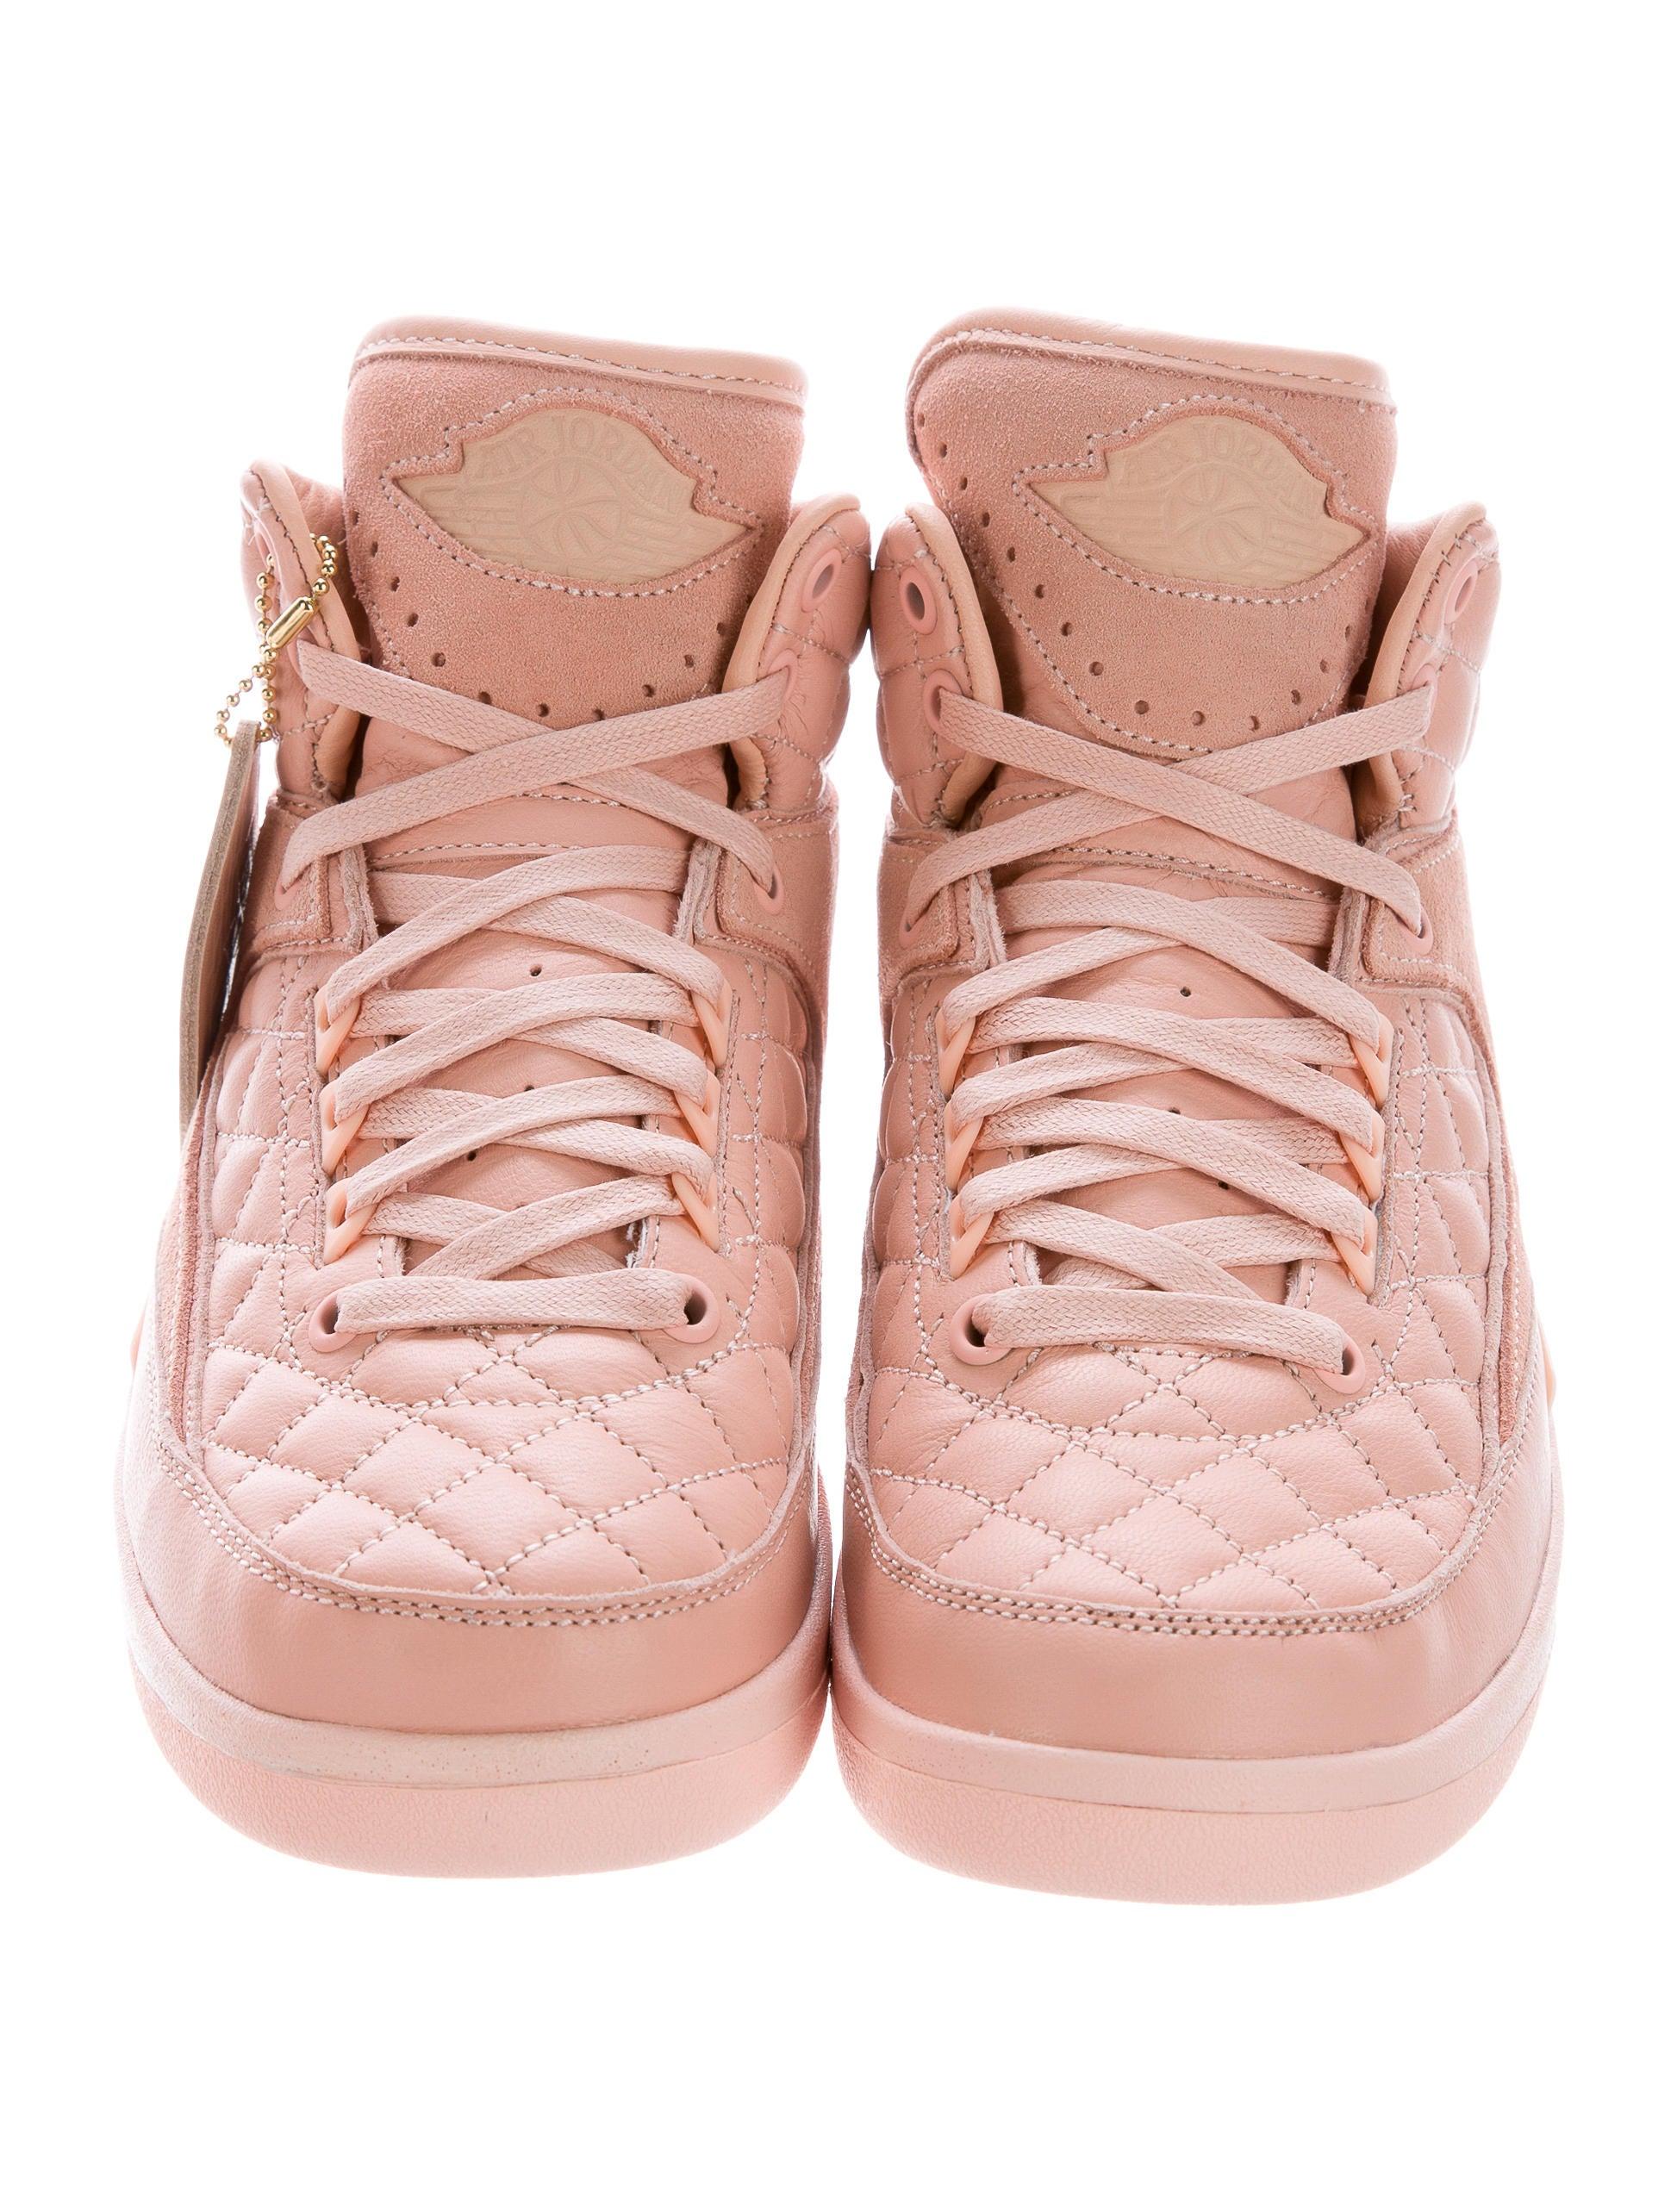 Nike Air Jordan 2017 2 Retro Just Don Sneakers W Tags